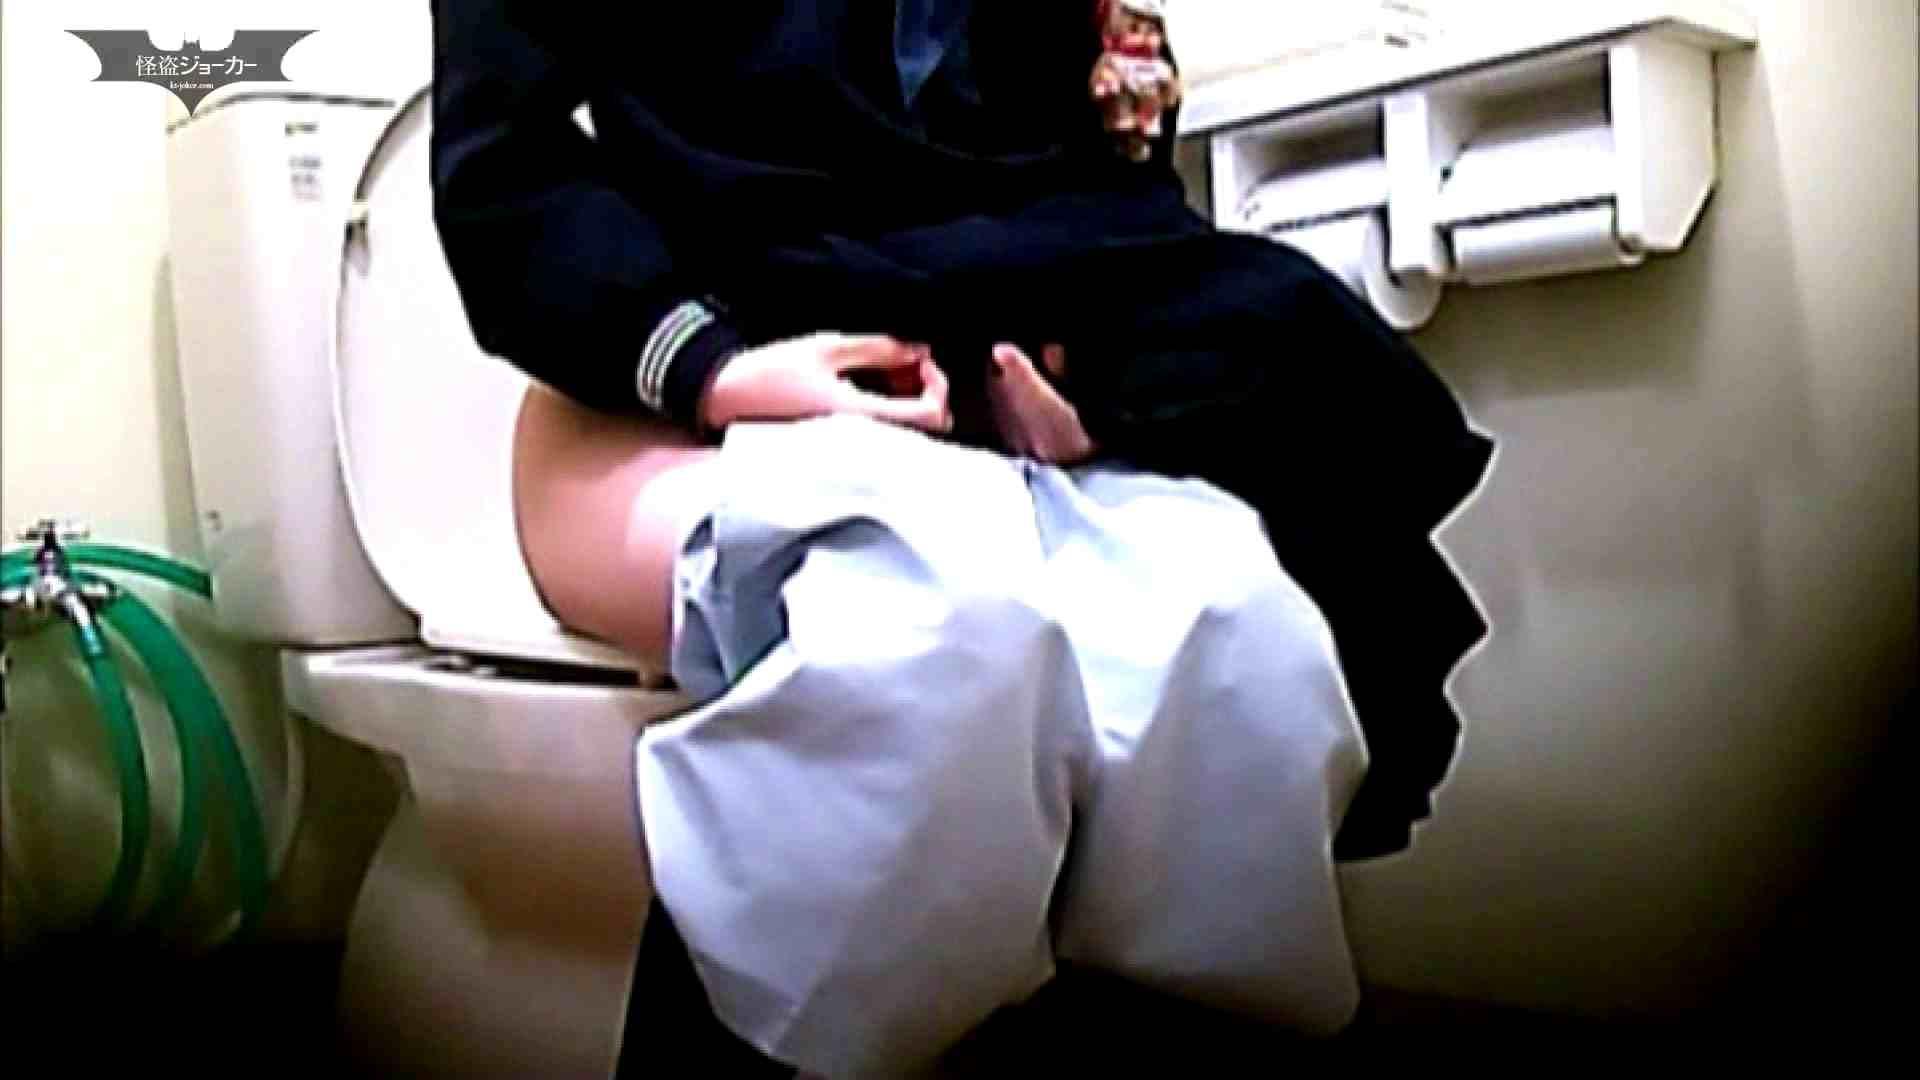 店長代理の盗撮録 Vol.02 制服ばかりをあつめてみました。その2 洗面所  95PIX 68